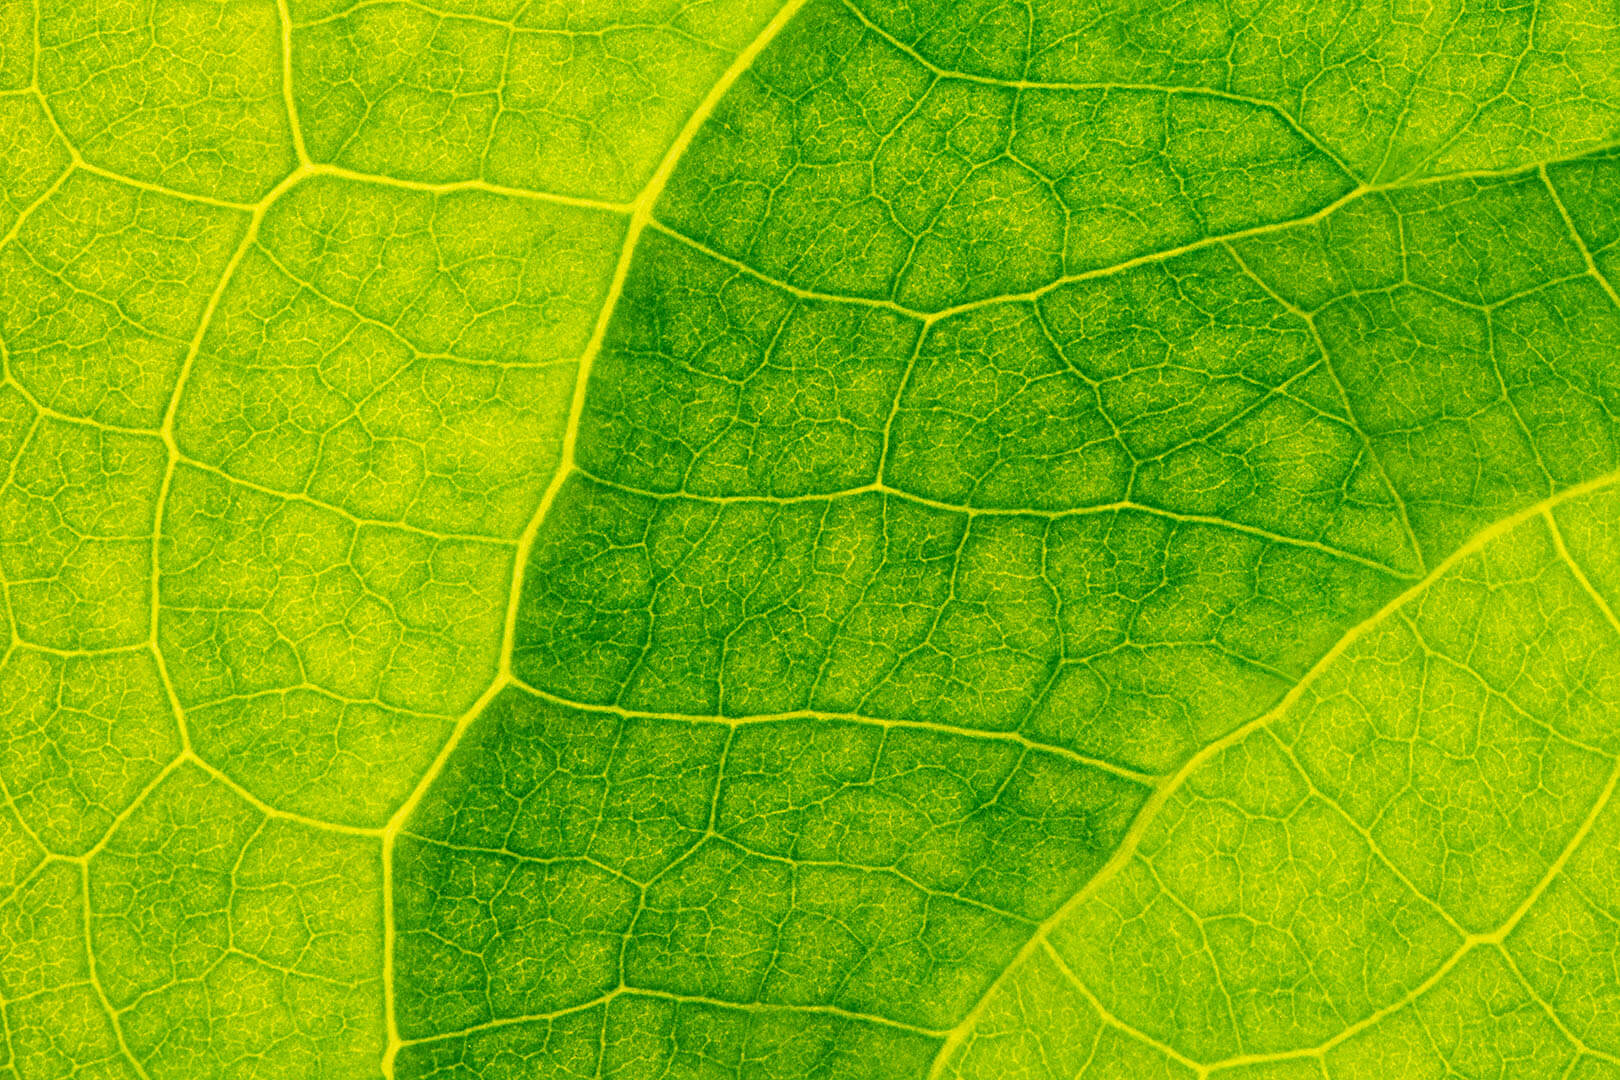 Leaf Texture #4